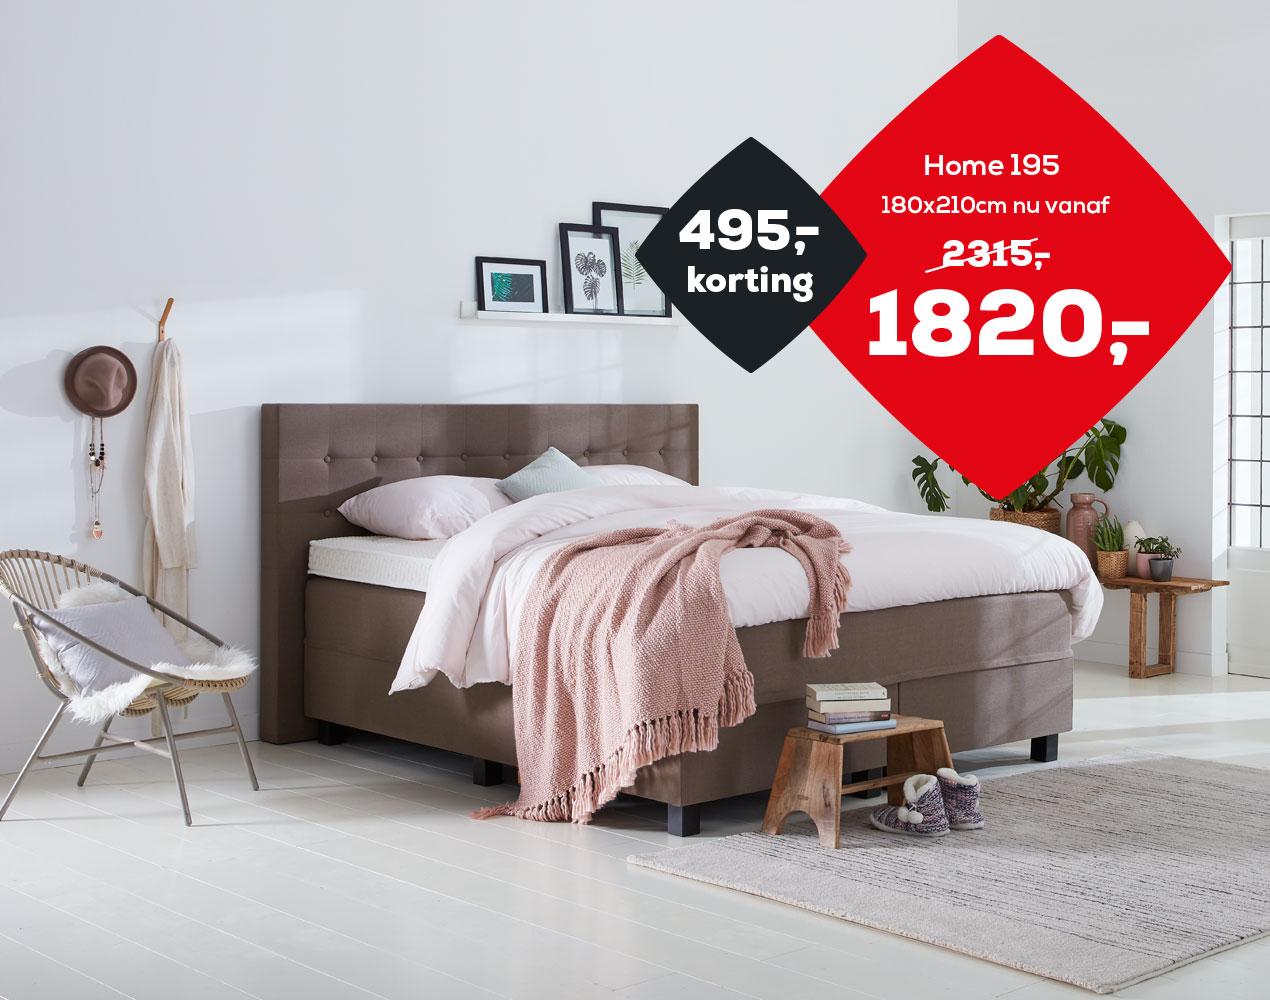 Home 195 | Swiss Sense